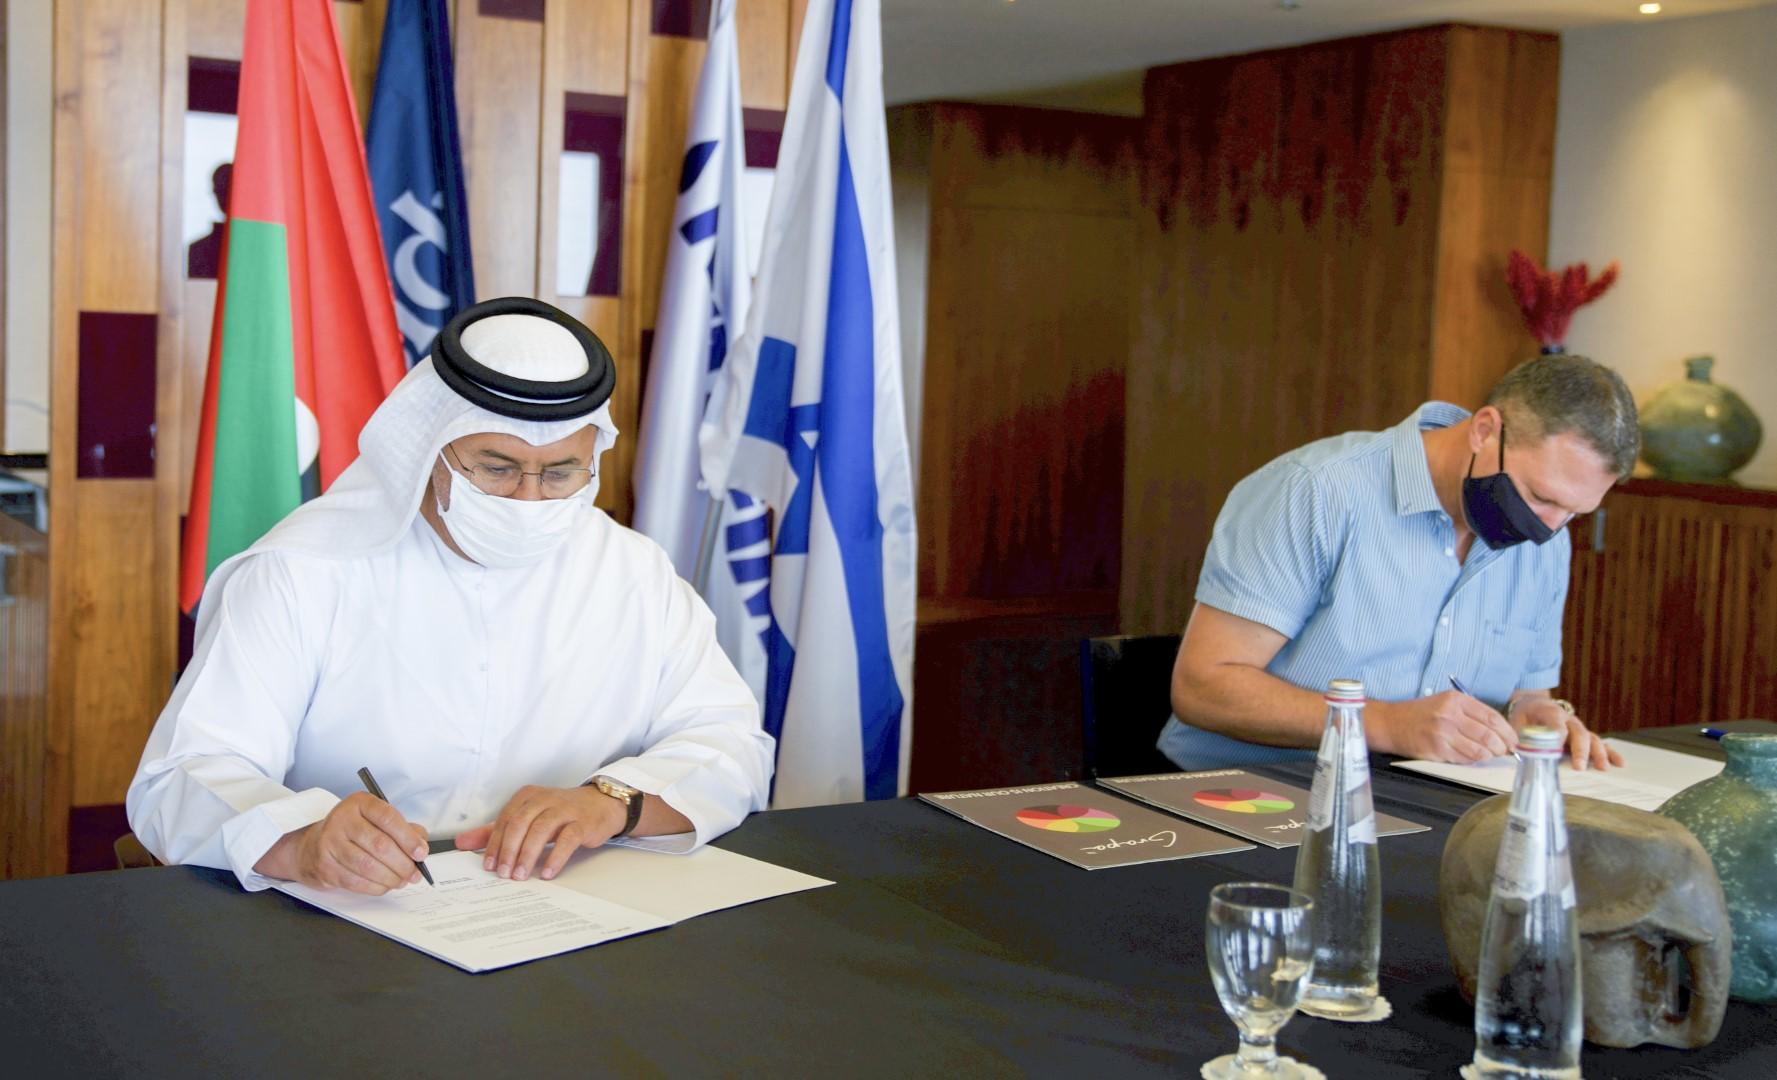 وفد إماراتي يزور إسرائيل لبحث مجالات التعاون الزراعي و الإستثماري بين الجانبين